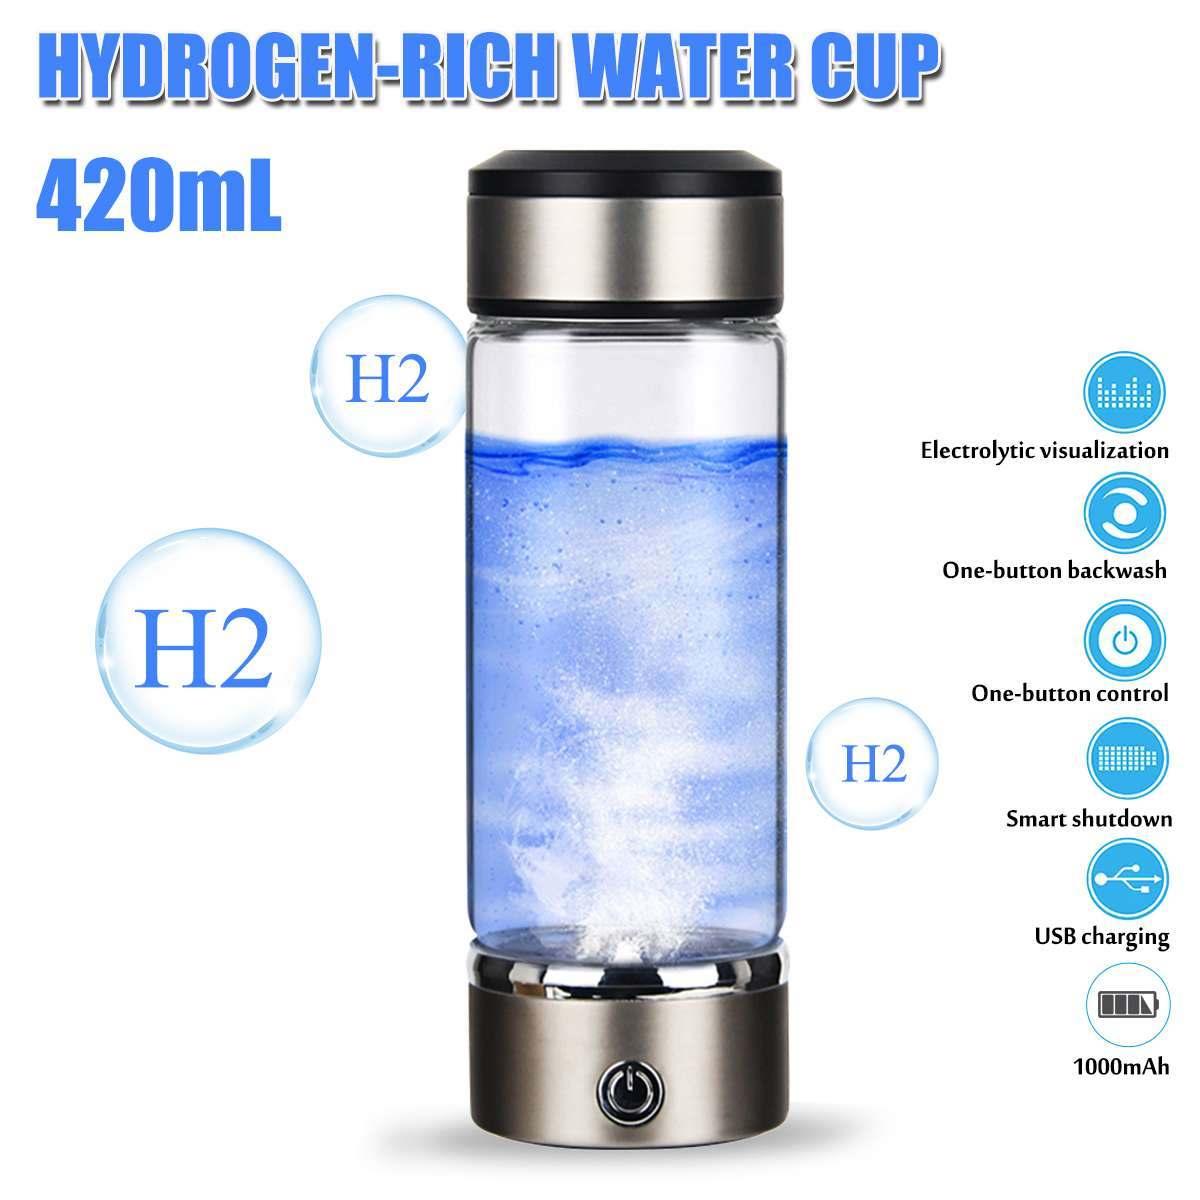 كوب مولد ماء 420 مللي ، مؤين ماء ، زجاجة تيتانيوم قلوية يابانية ، محلل كهربائي ، مضاد للأكسدة